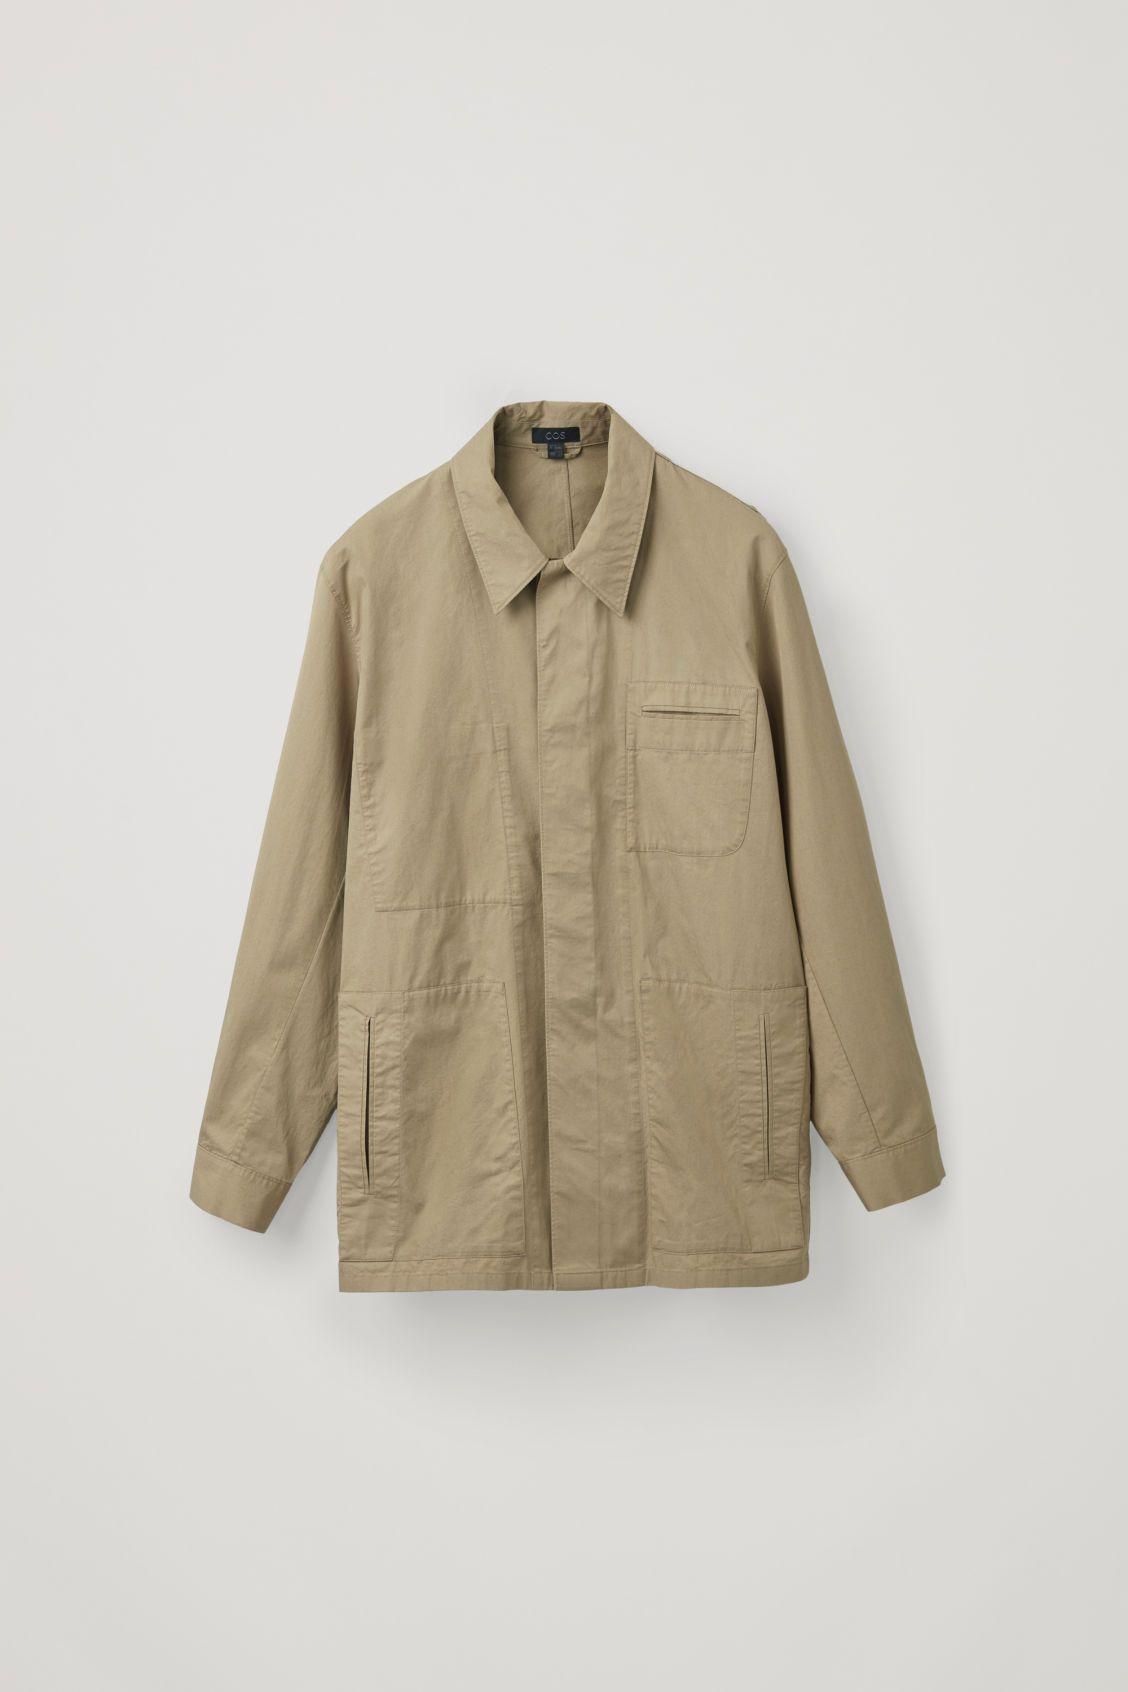 CASUAL WORKWEAR SHIRT JACKET | Workwear shirts, Shirt jacket